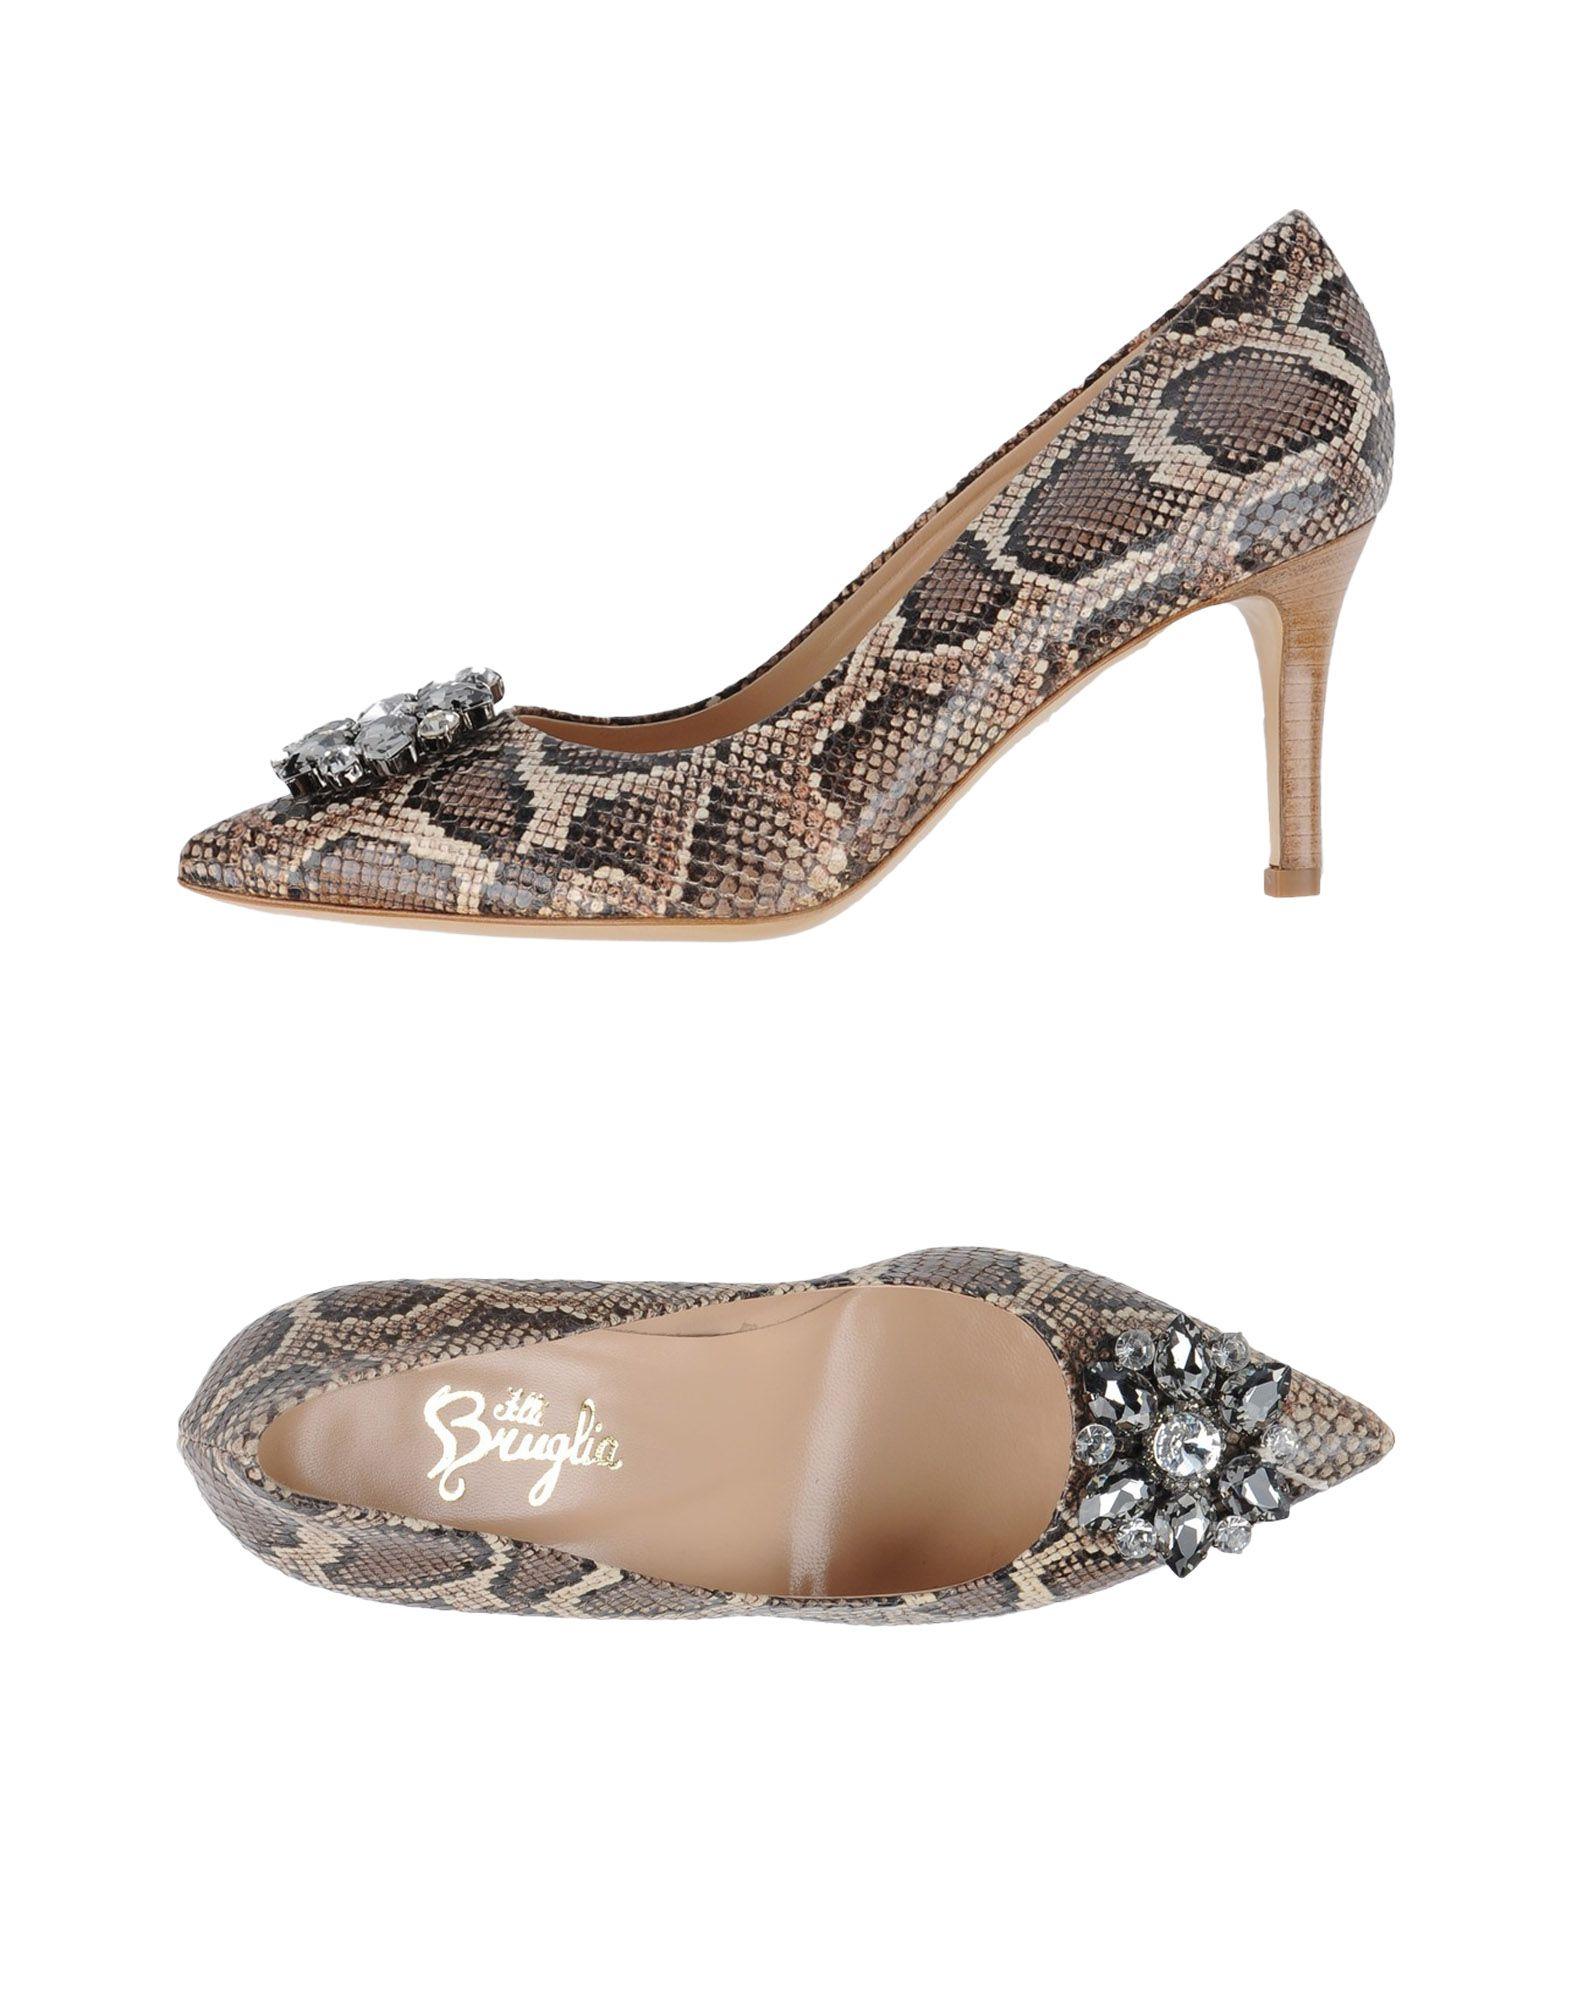 F.Lli Bruglia Pumps Damen  11346418OD Gute Qualität beliebte Schuhe